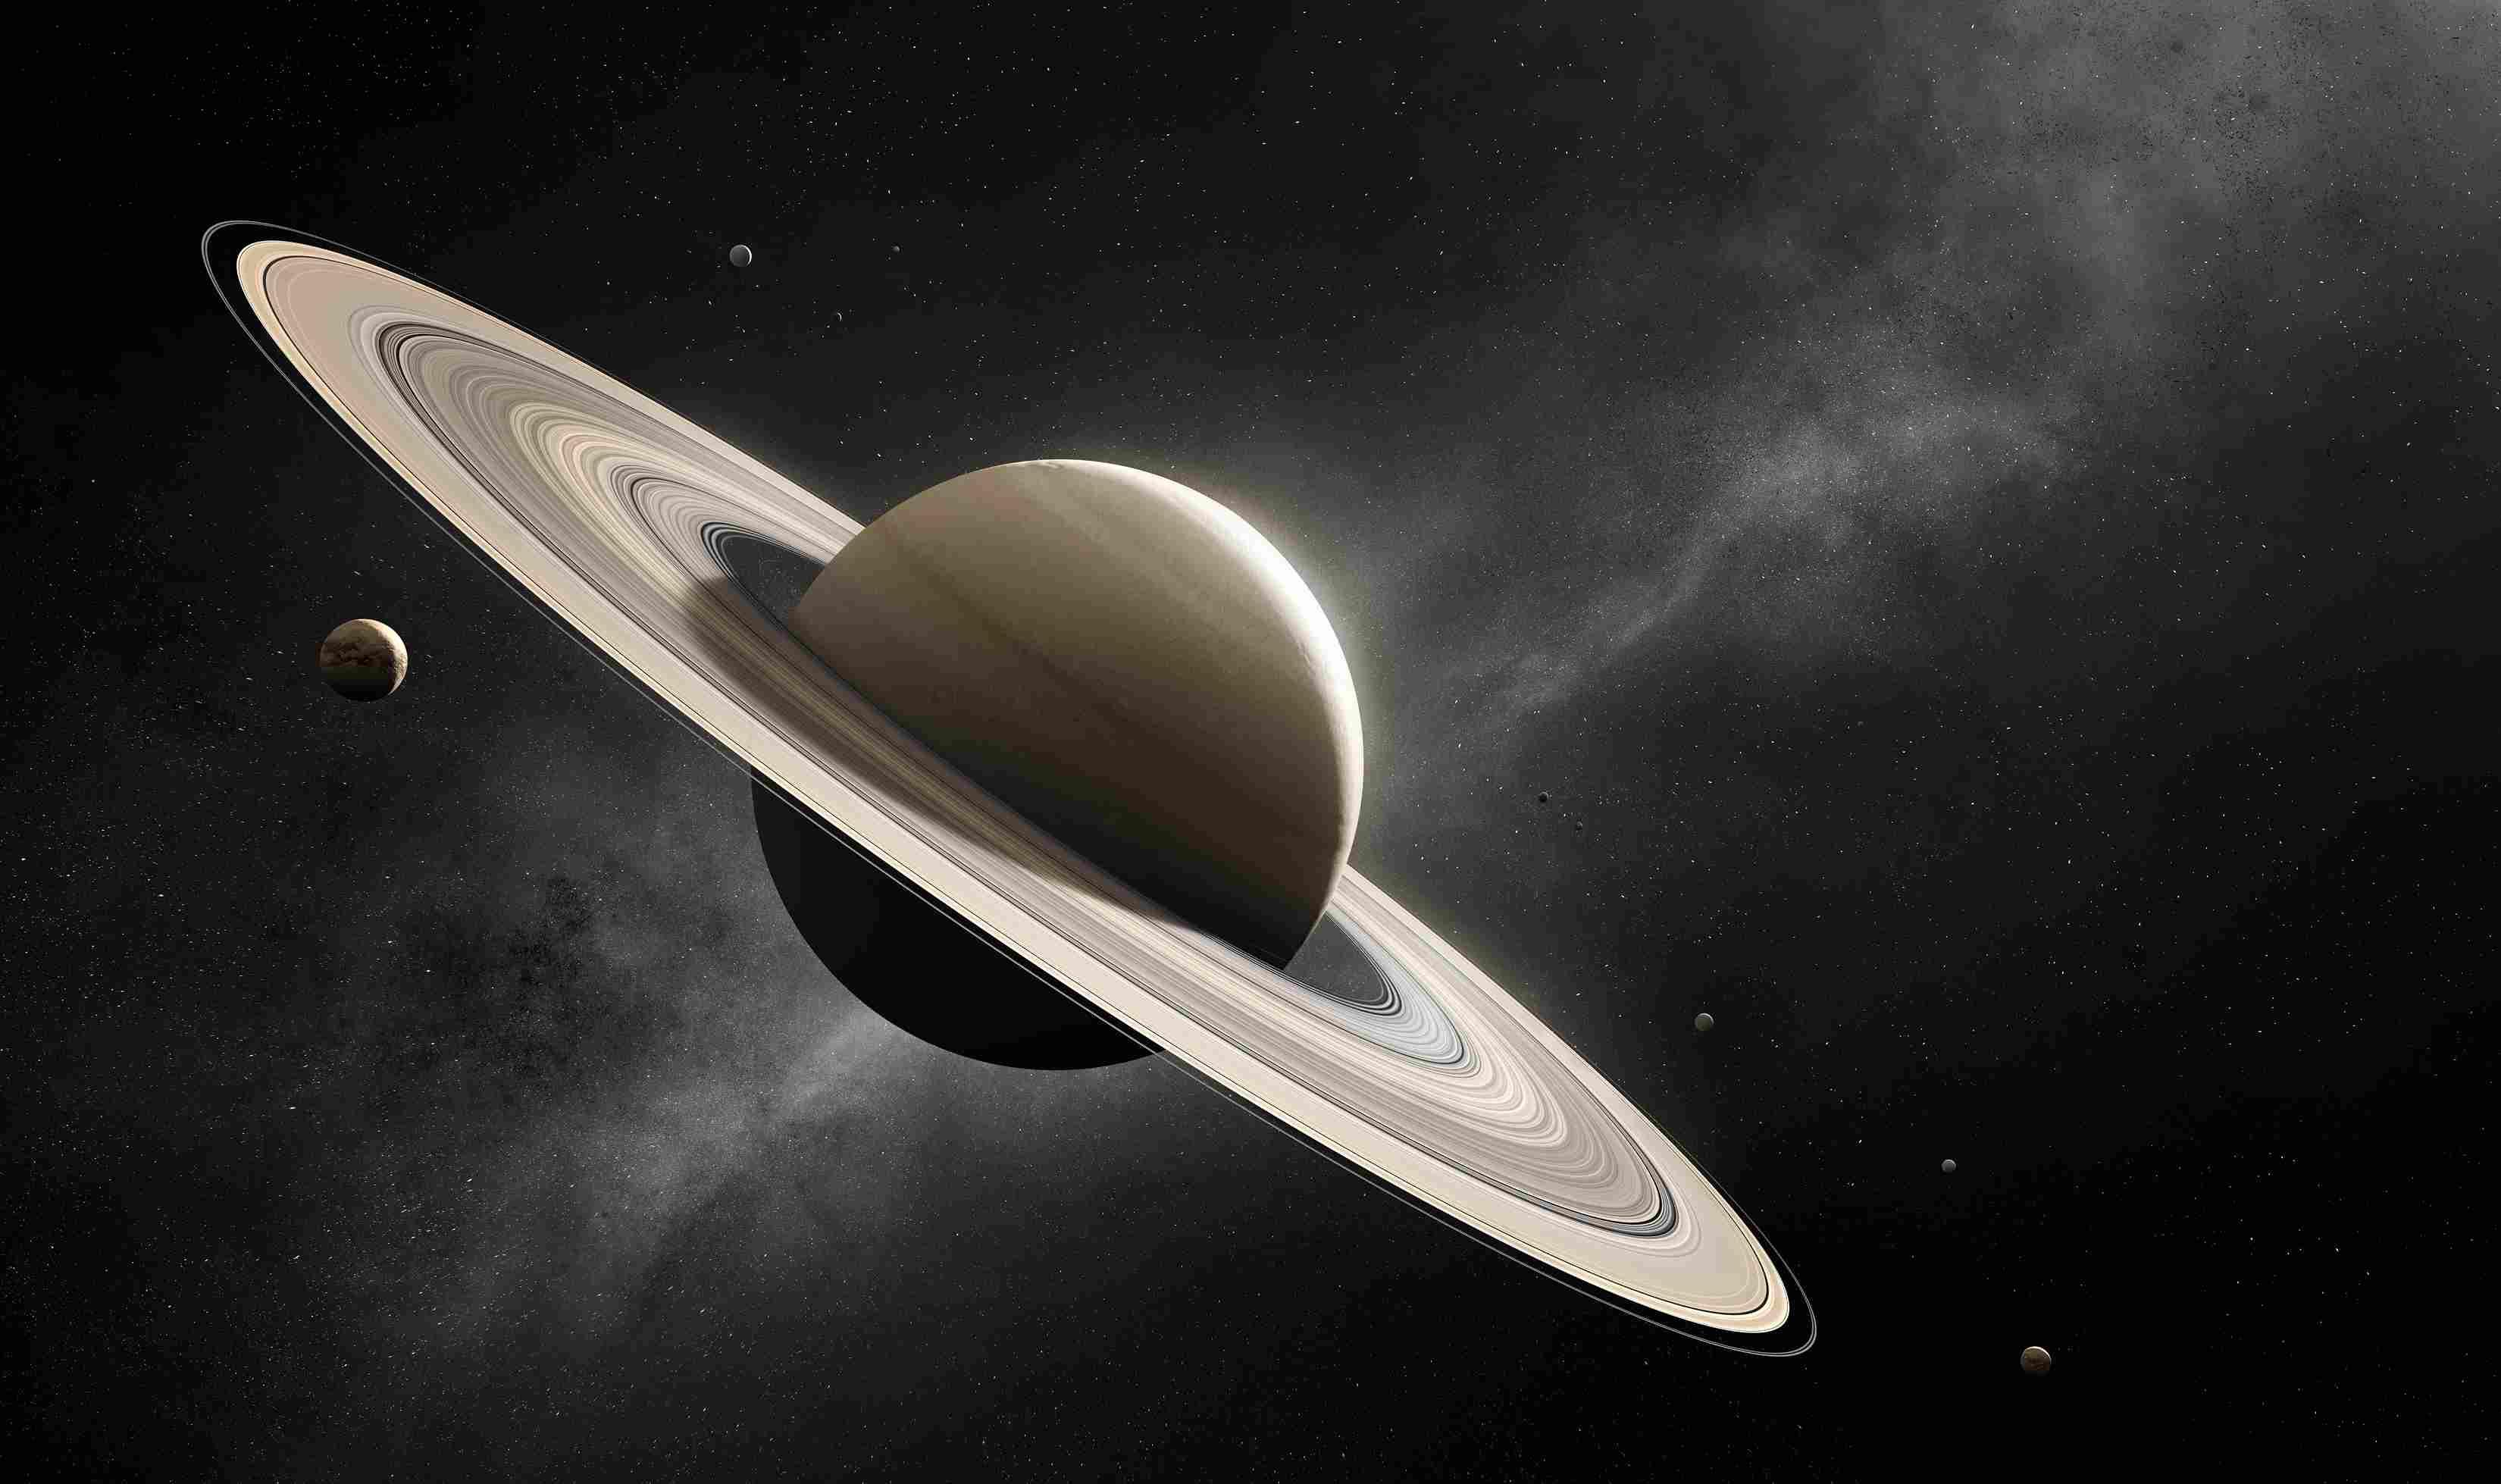 Artist rendering of Saturn in space.